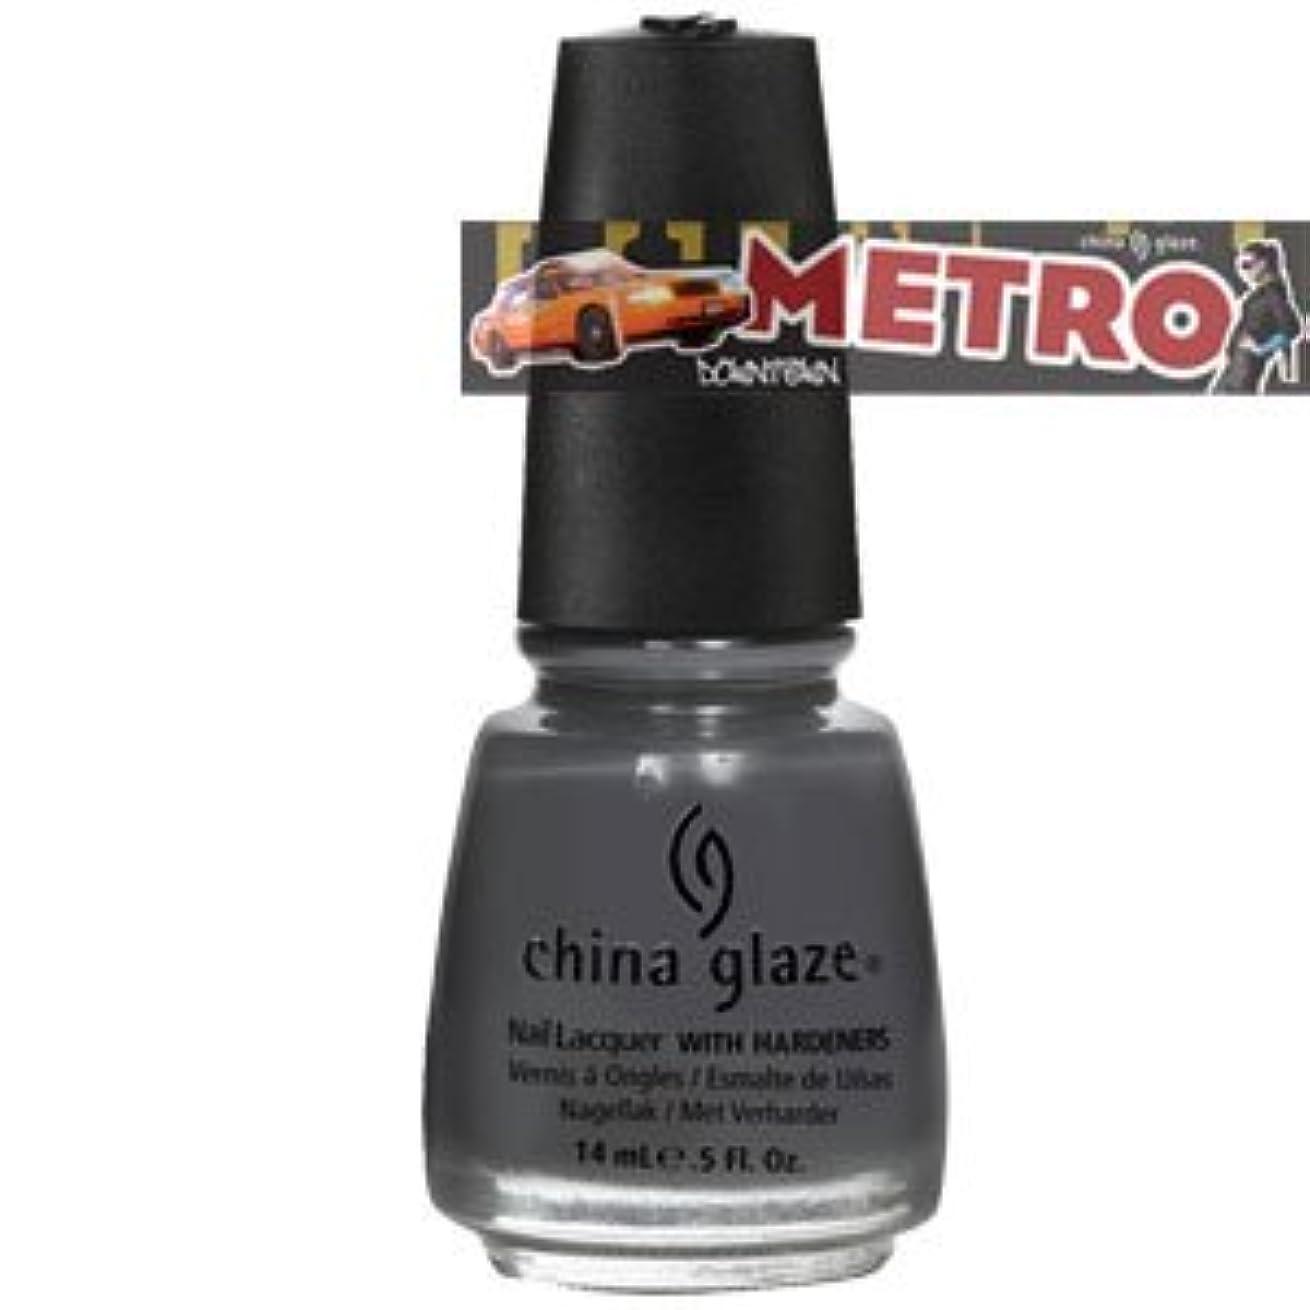 コマンド一月過度に(チャイナグレイズ)China Glaze メトロコレクション? Concrete Catwalk [海外直送品][並行輸入品]